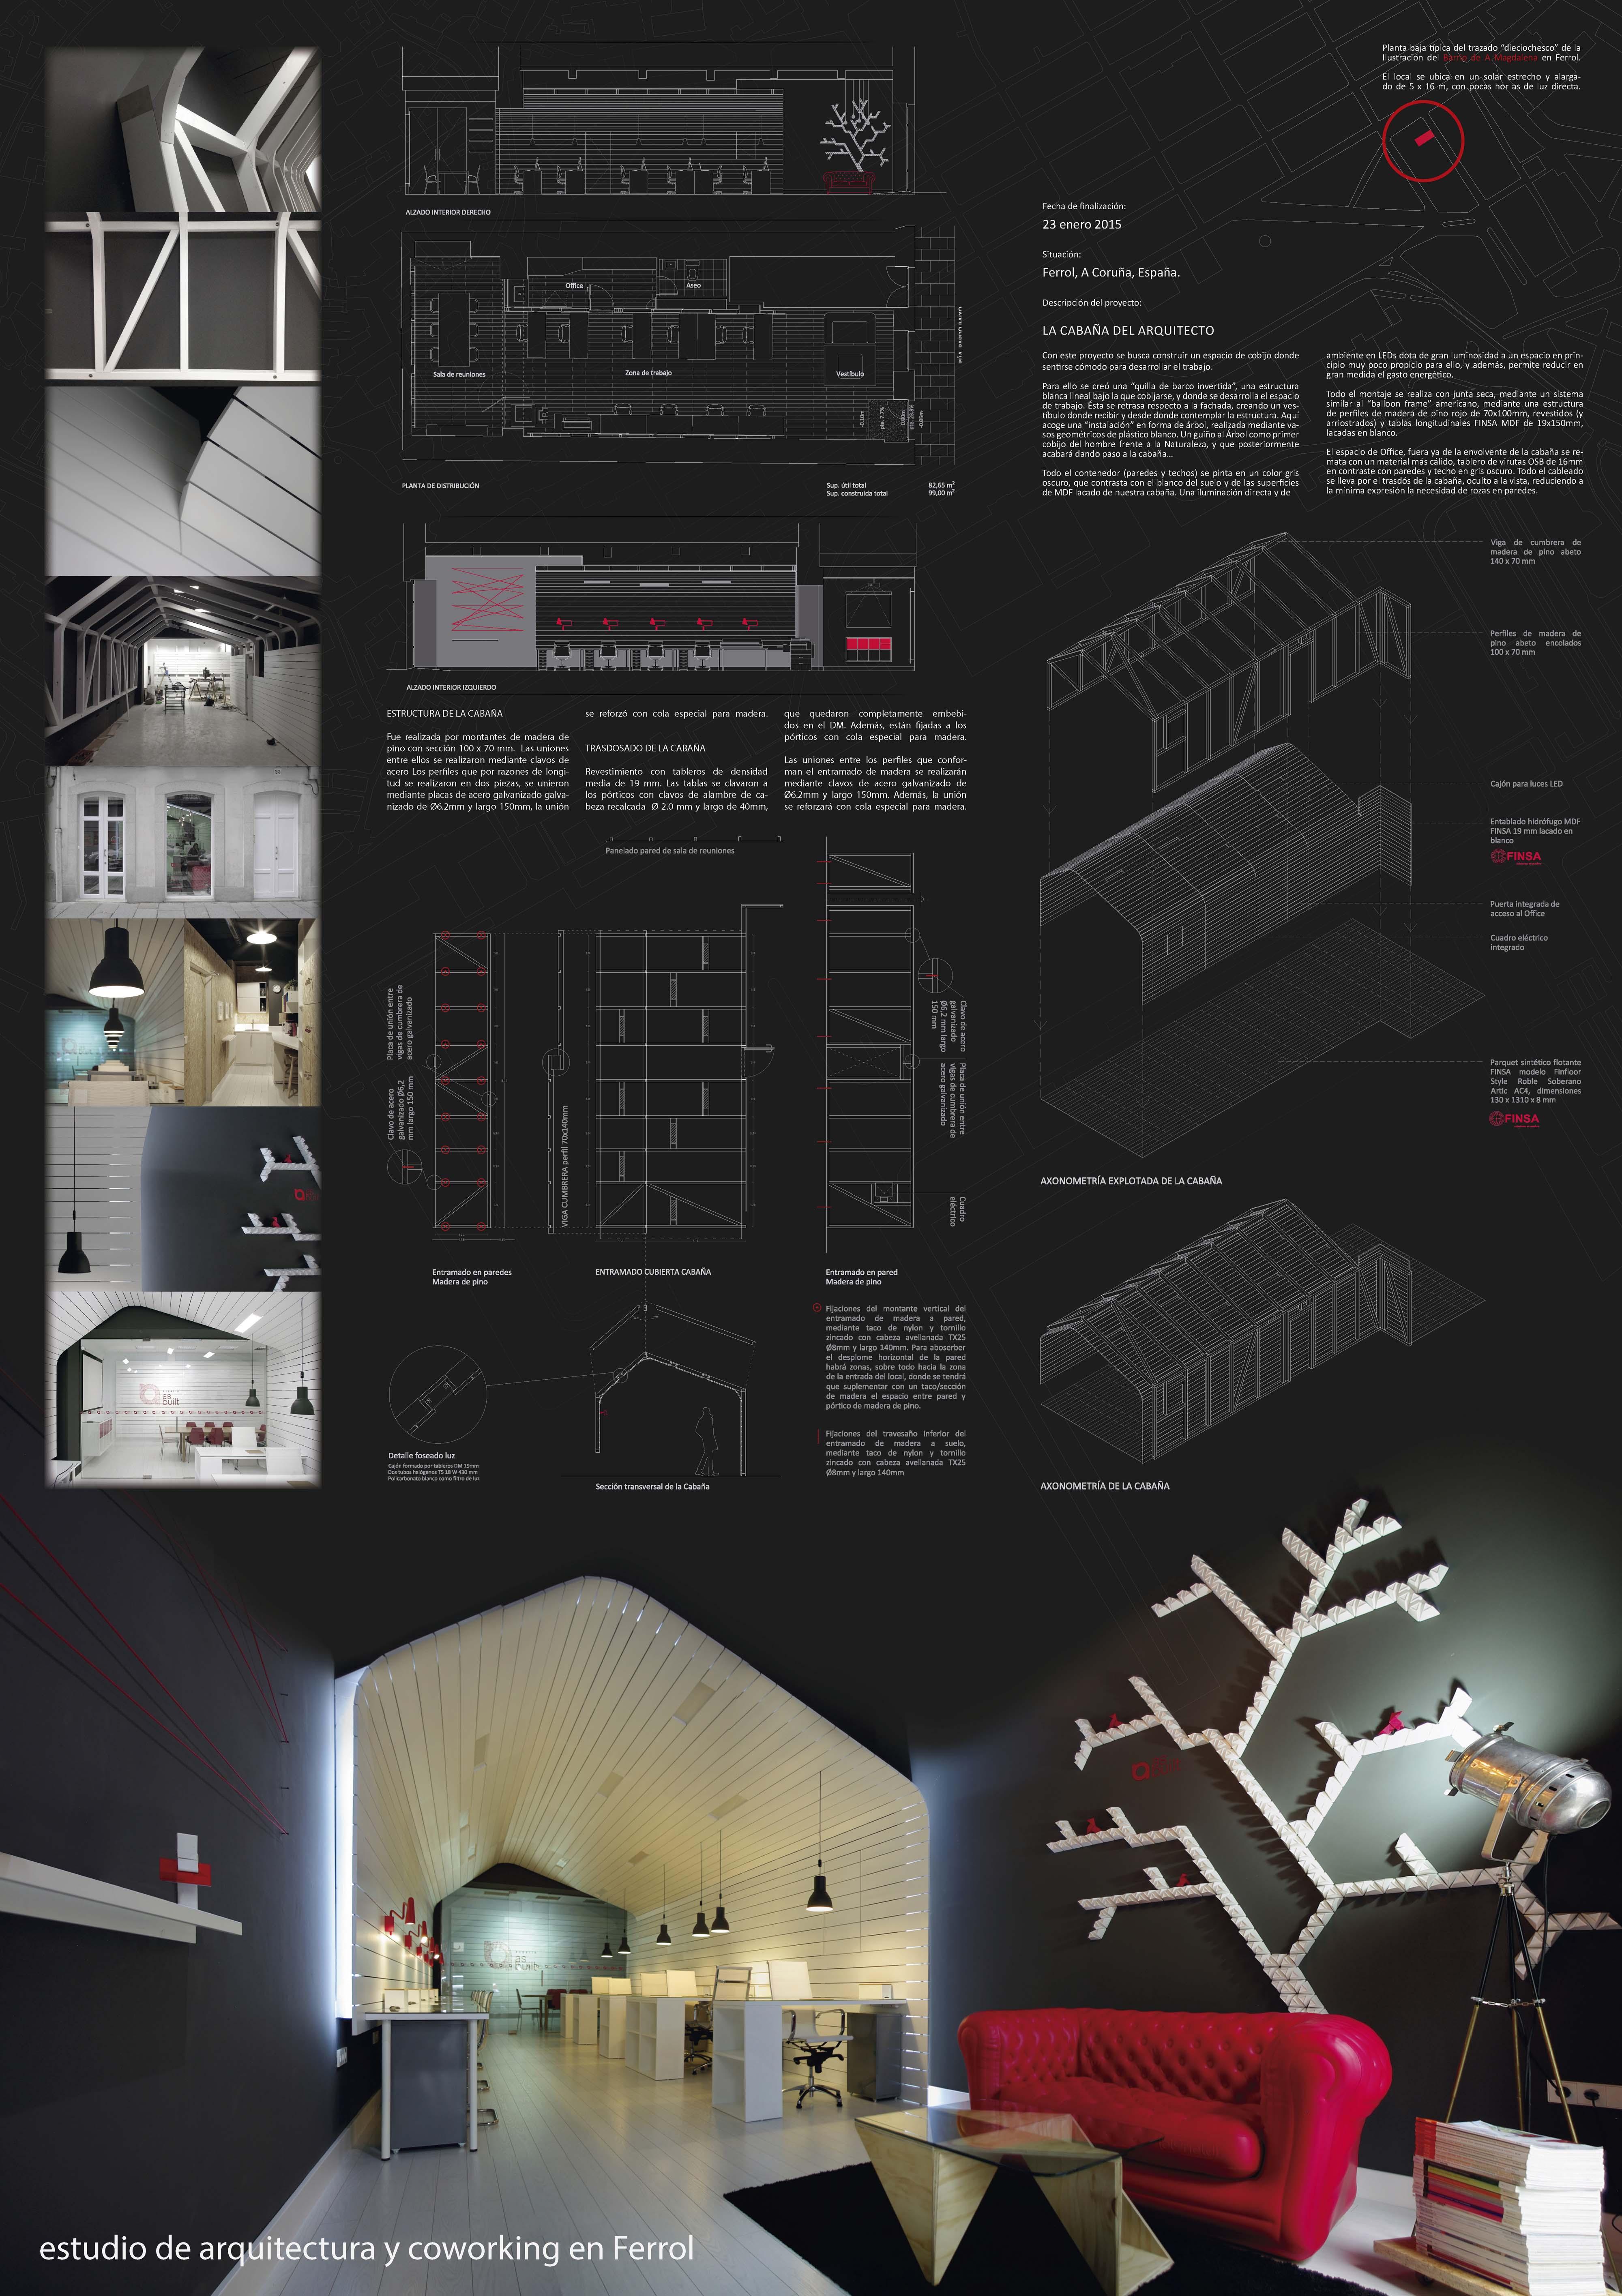 panel-_estudio_arquitectura_coworking_ferrol-2